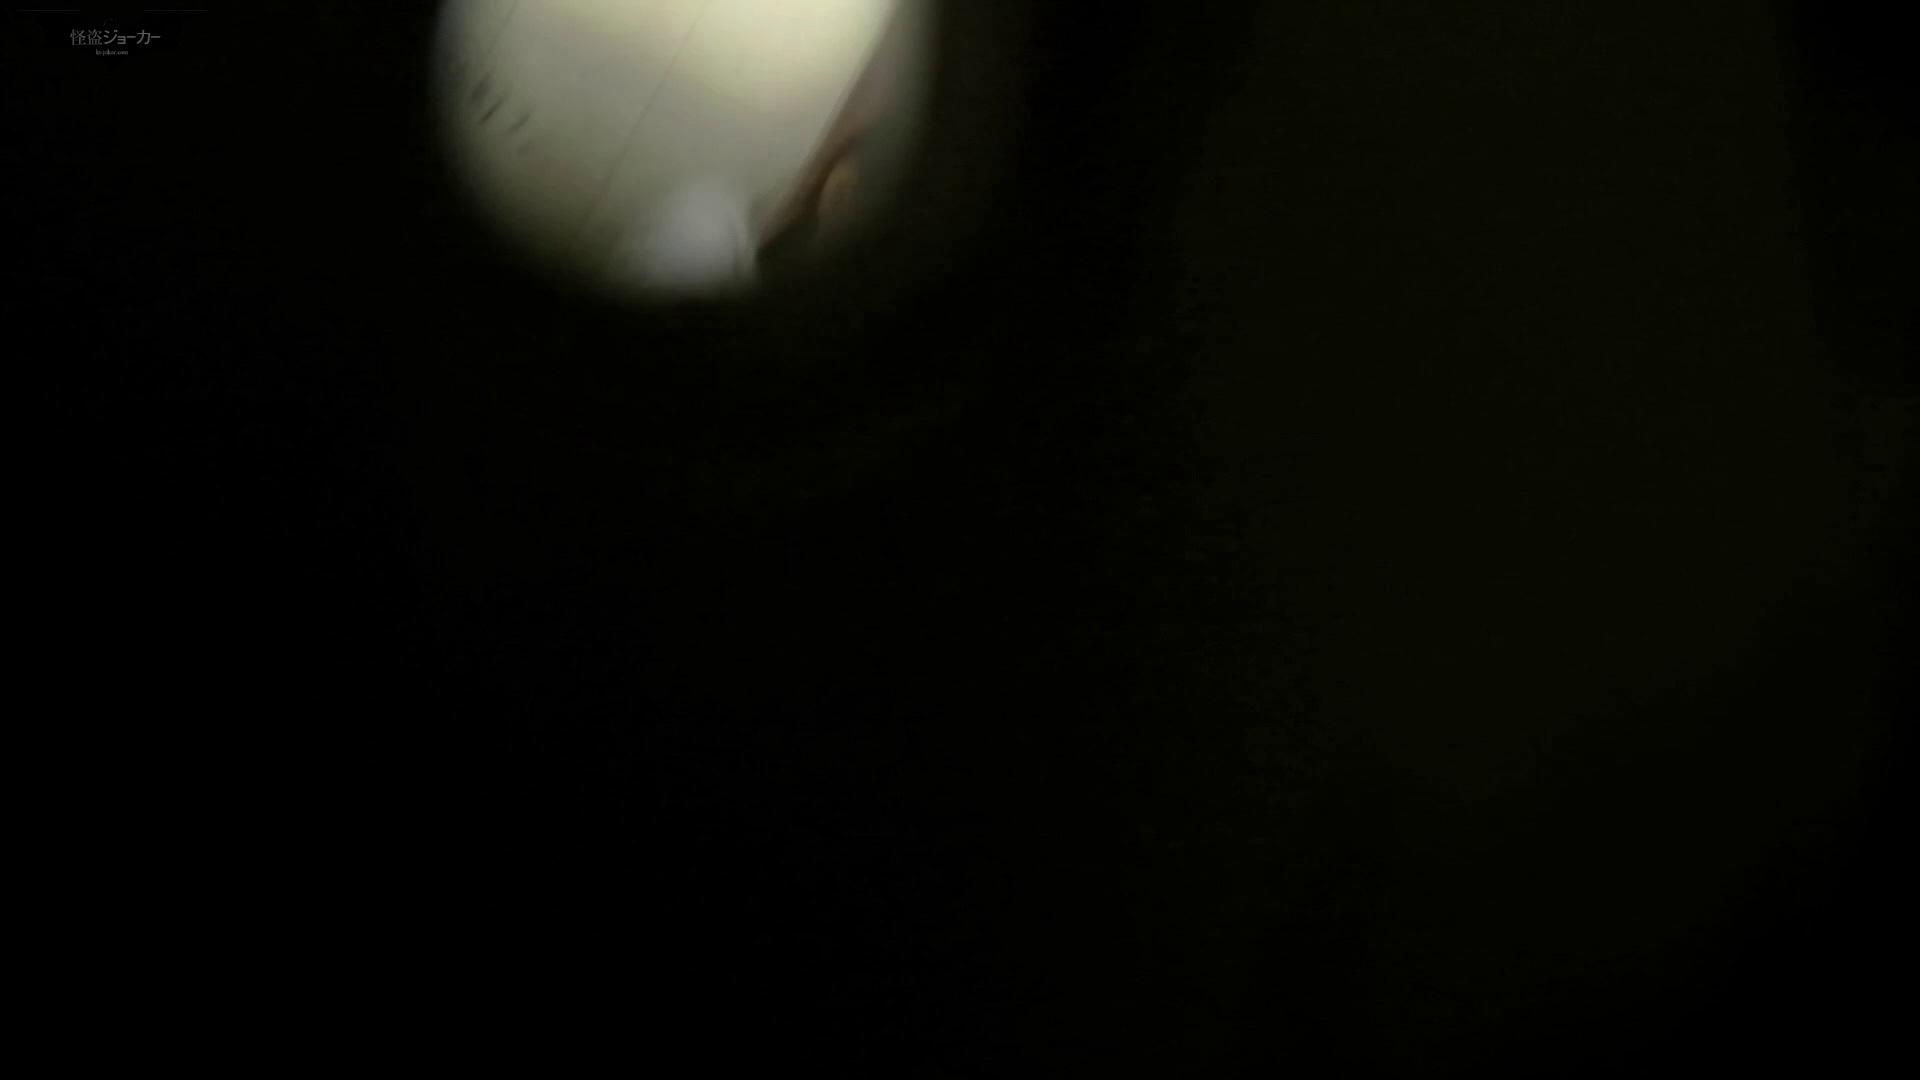 ステーション編 vol.26 壁を乗り越えたら絶景が待っていた!! 高画質 オマンコ動画キャプチャ 100画像 41